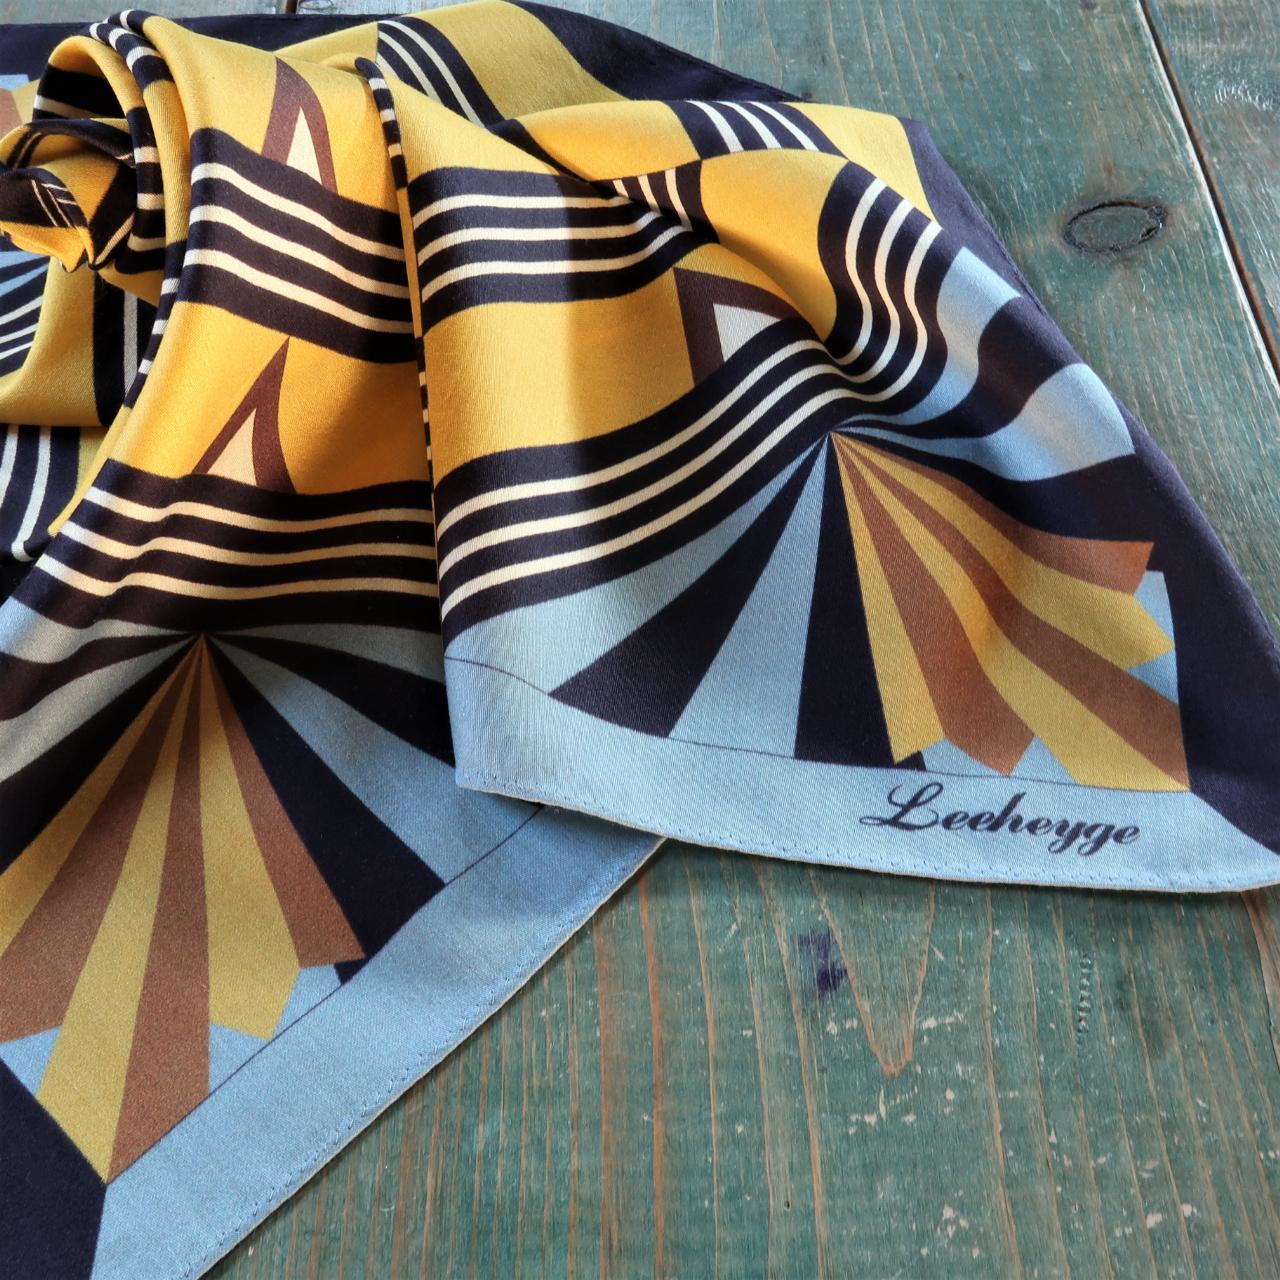 【LEEHEYGE】リーヘイジ ヴィンテージ、アールデコスタイルのスカーフです。